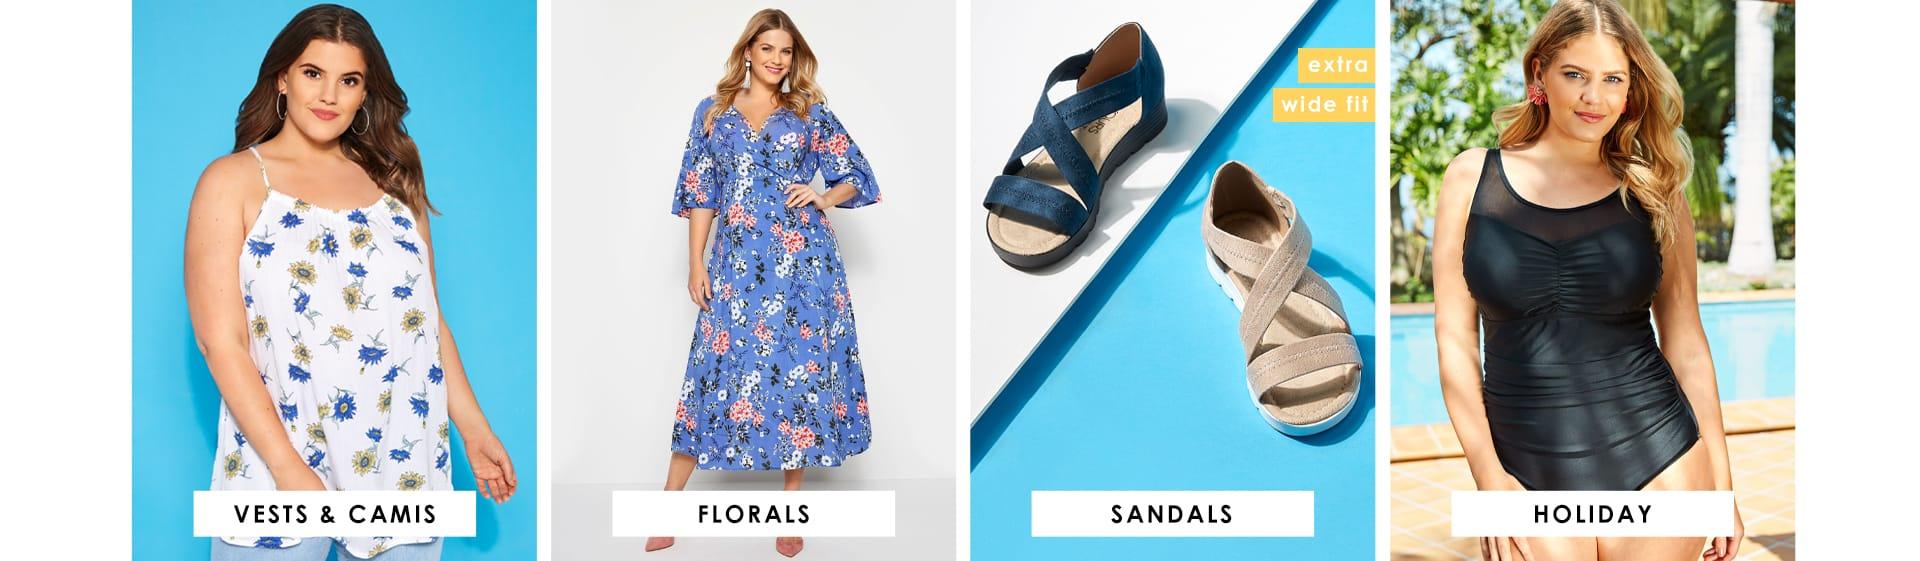 Vests, Florals, Sandals, Holiday